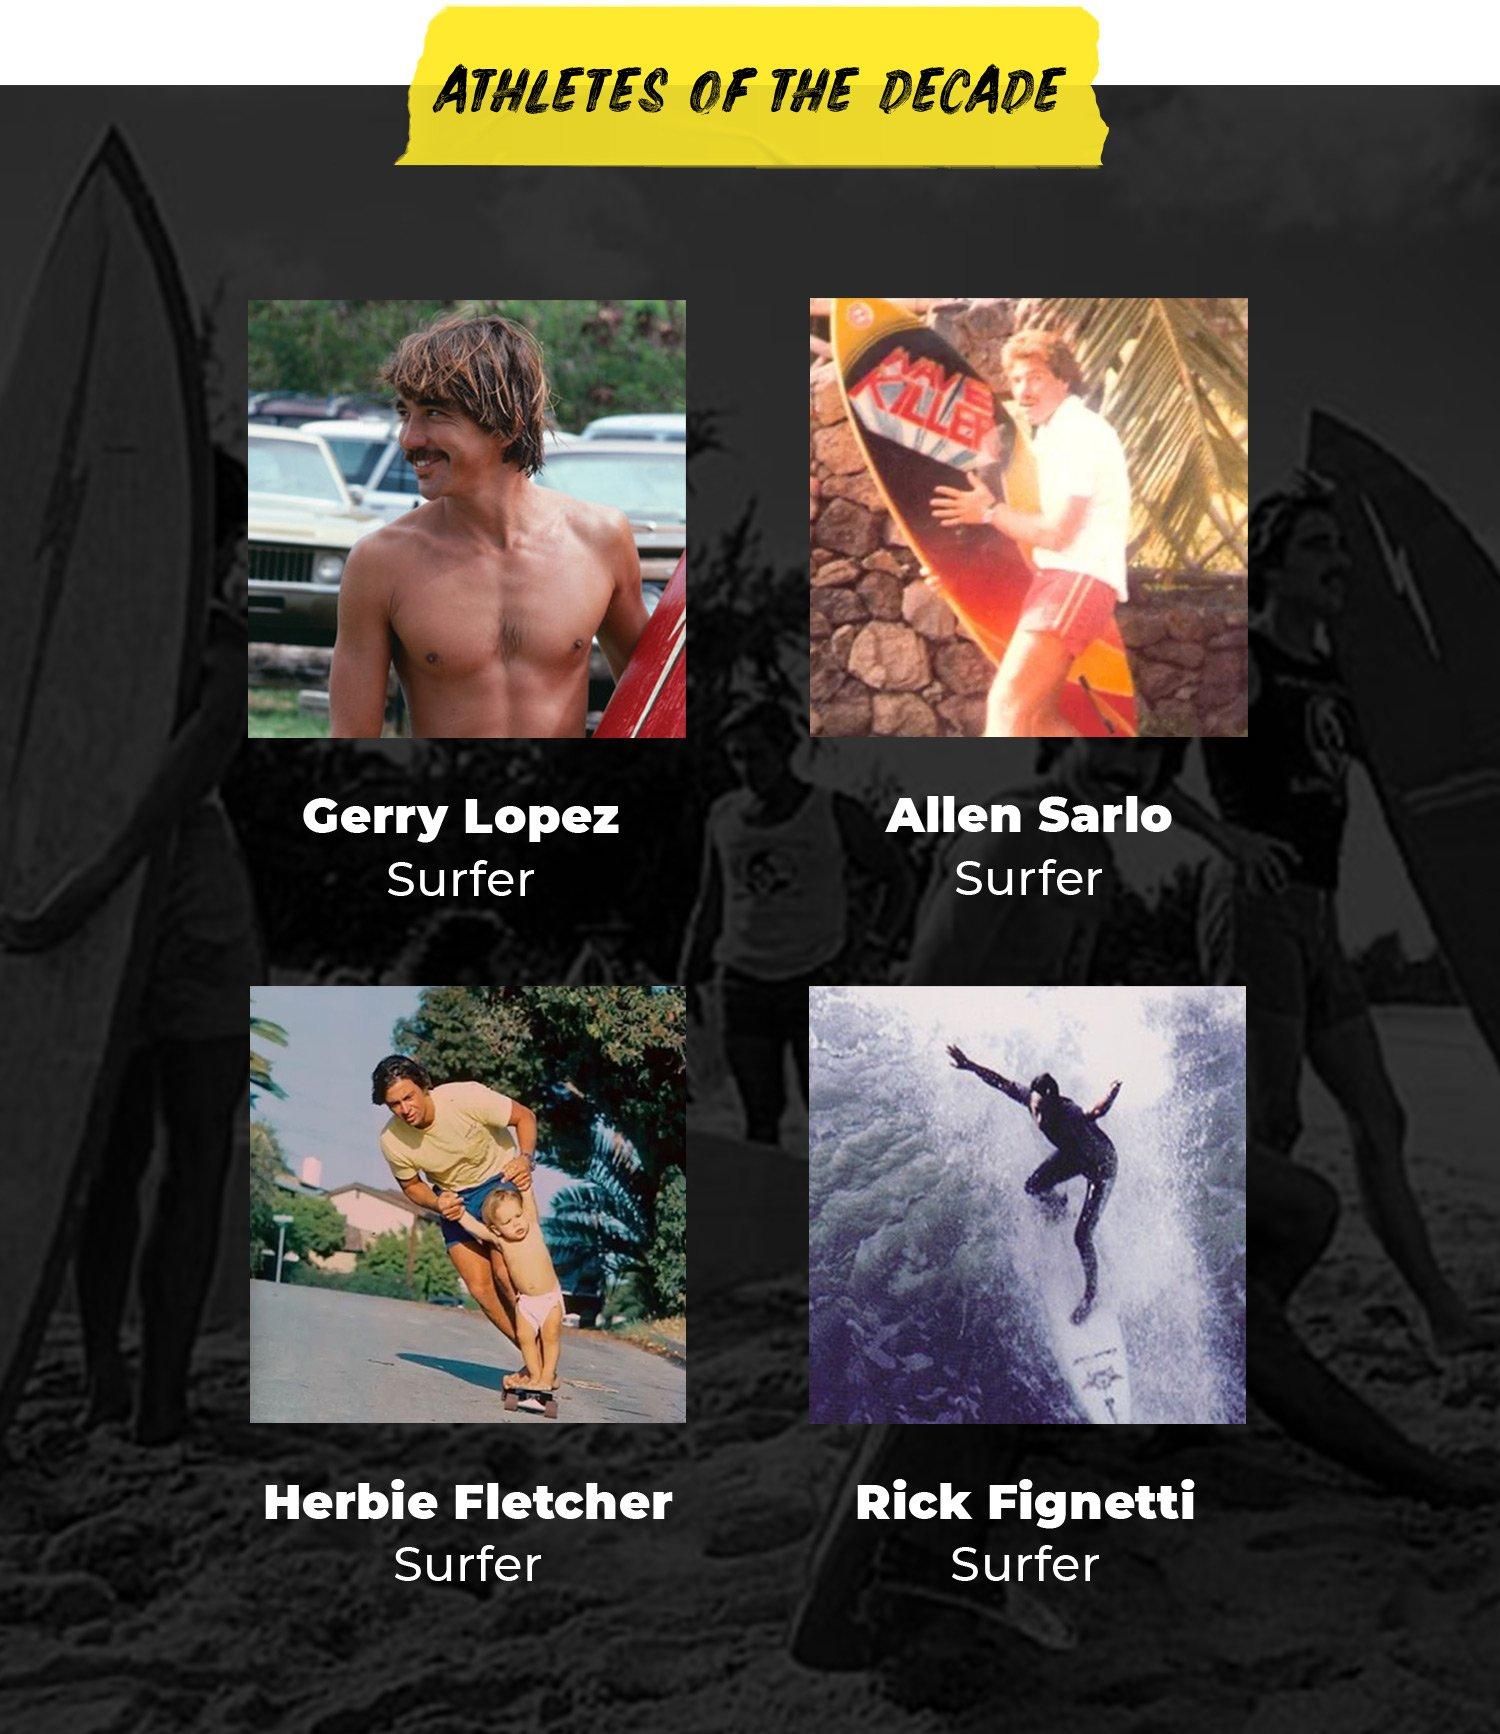 Athletes of the Decade | Gerry Lopez, Surfer | Allen Sarlo, Surfer | Herbie Fletcher, Surfer | Rick Fignetti, Surfer